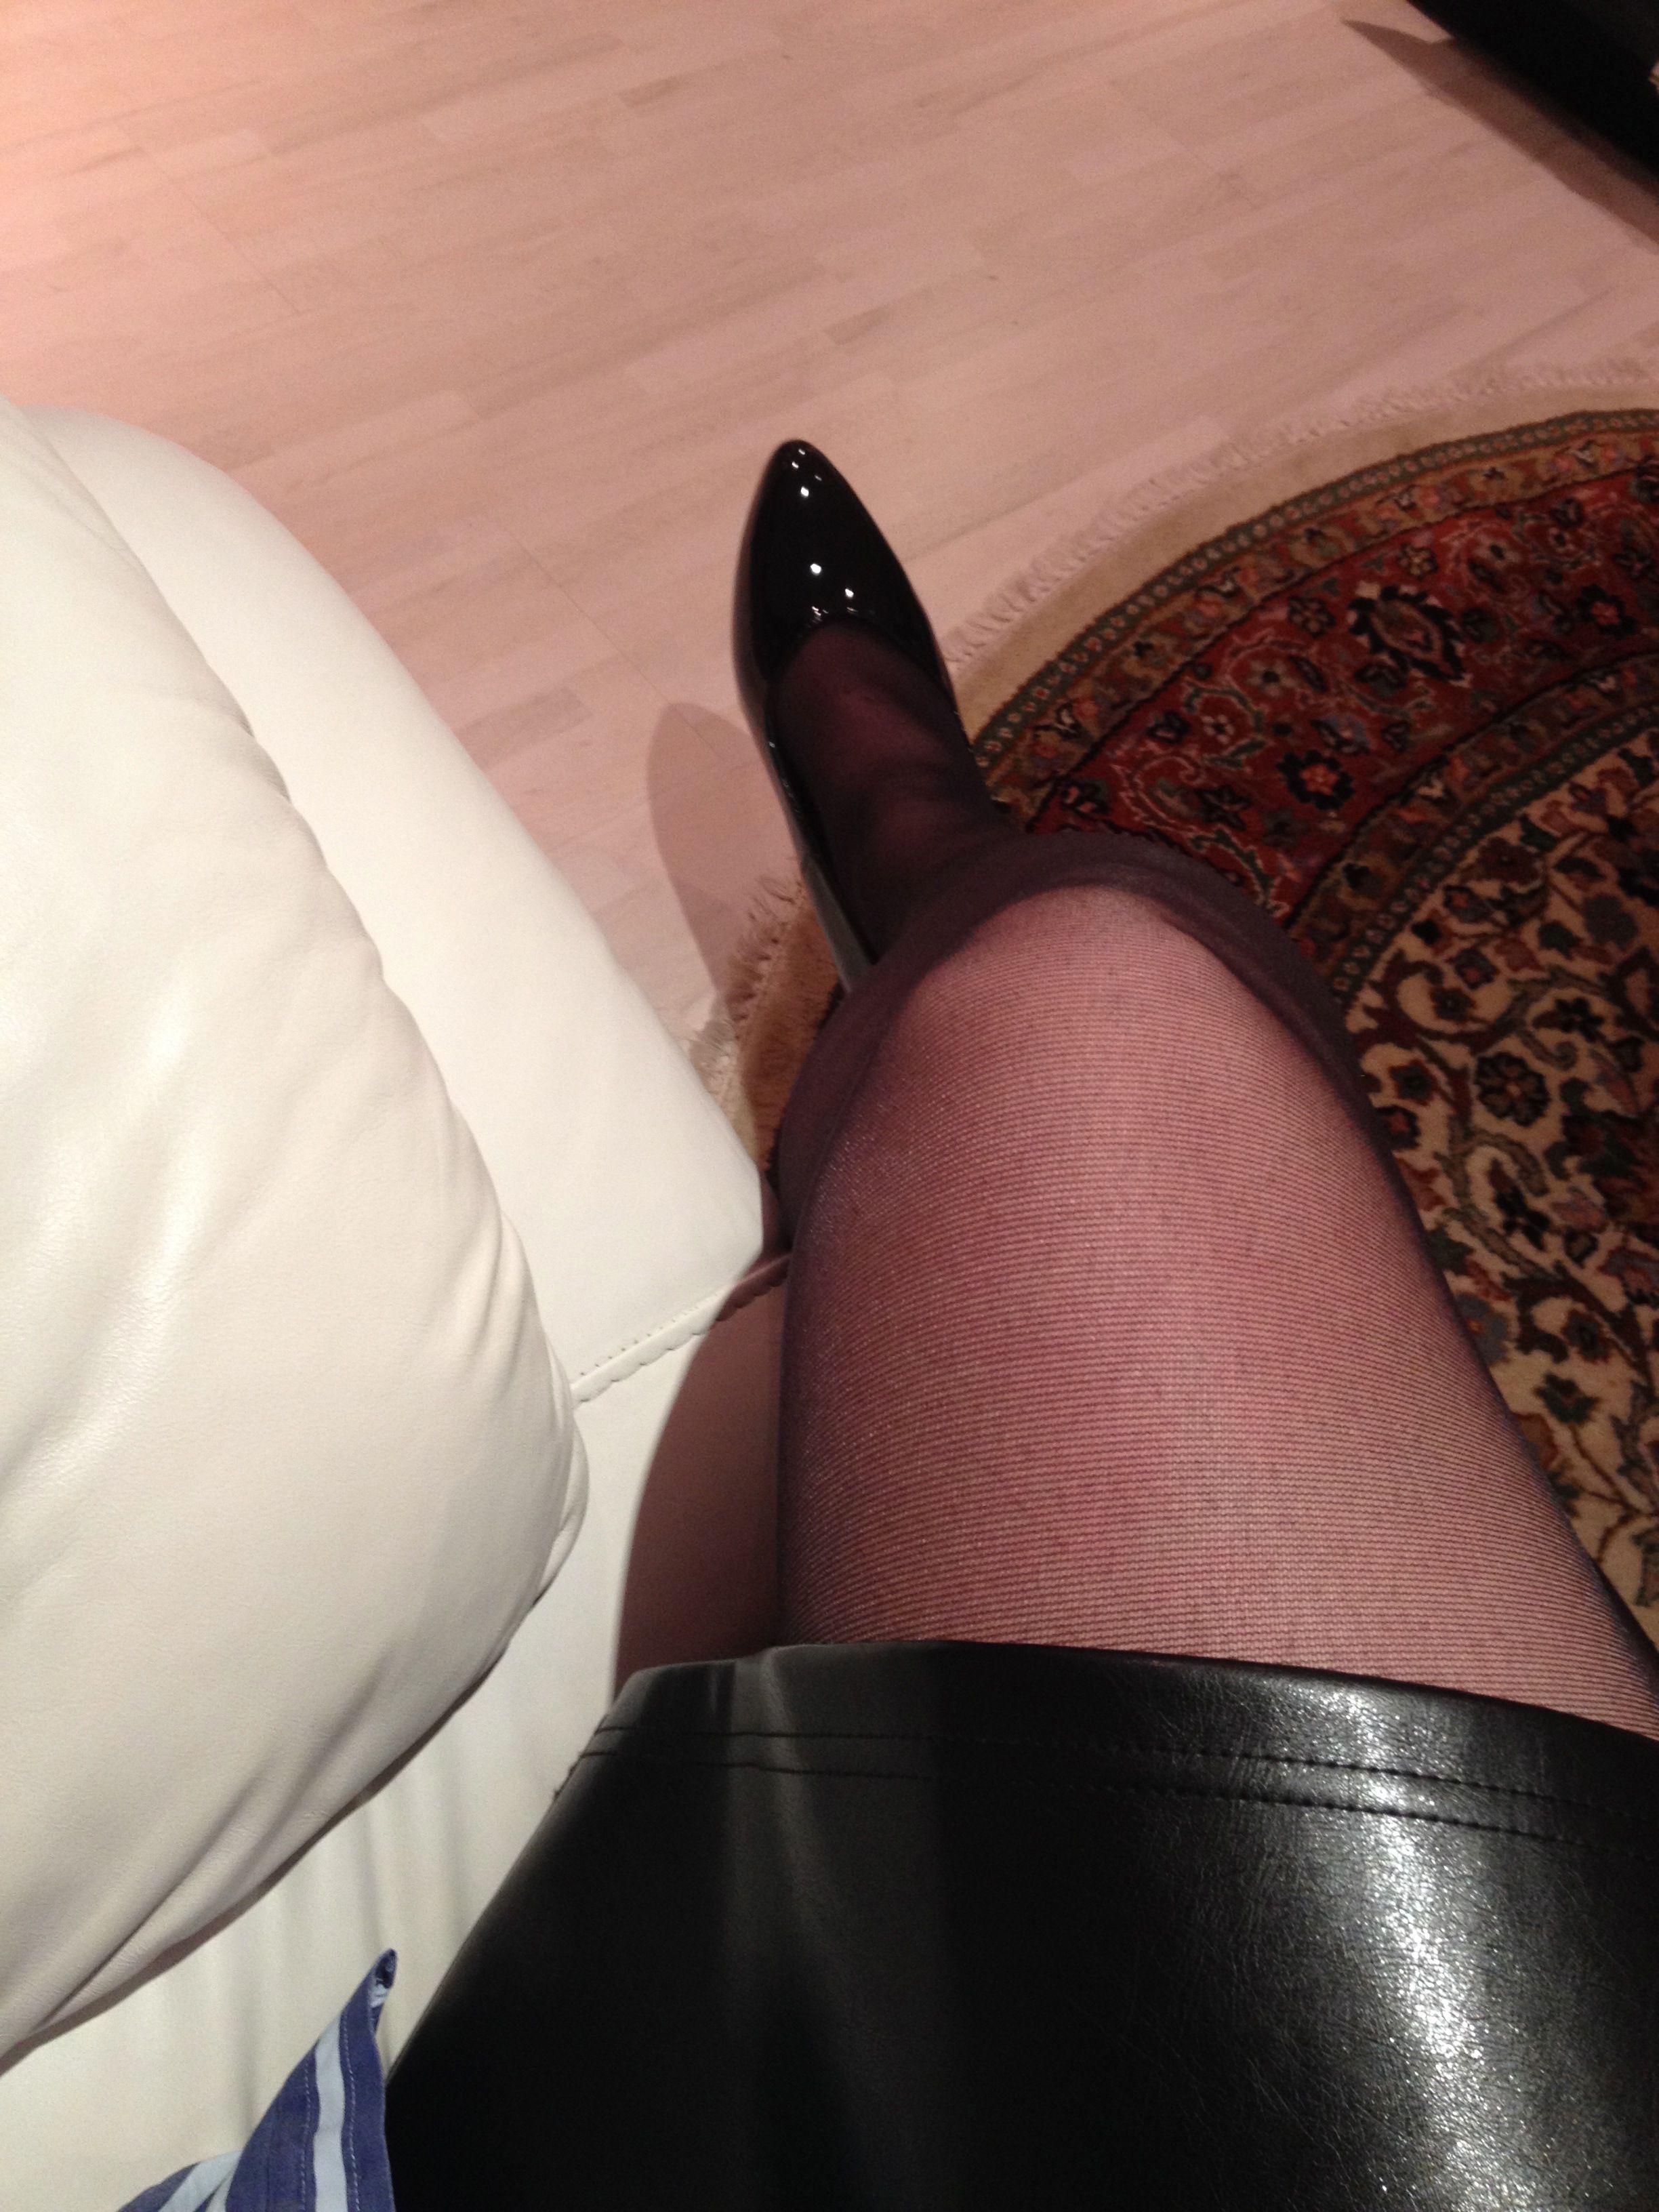 Crossed Legs Pantyhose 52